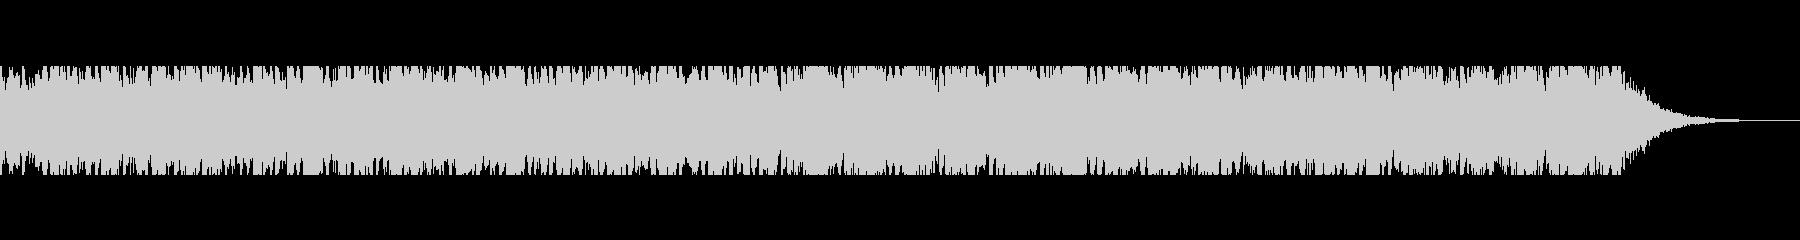 フレッシュなシーンを連想するピアノメロの未再生の波形